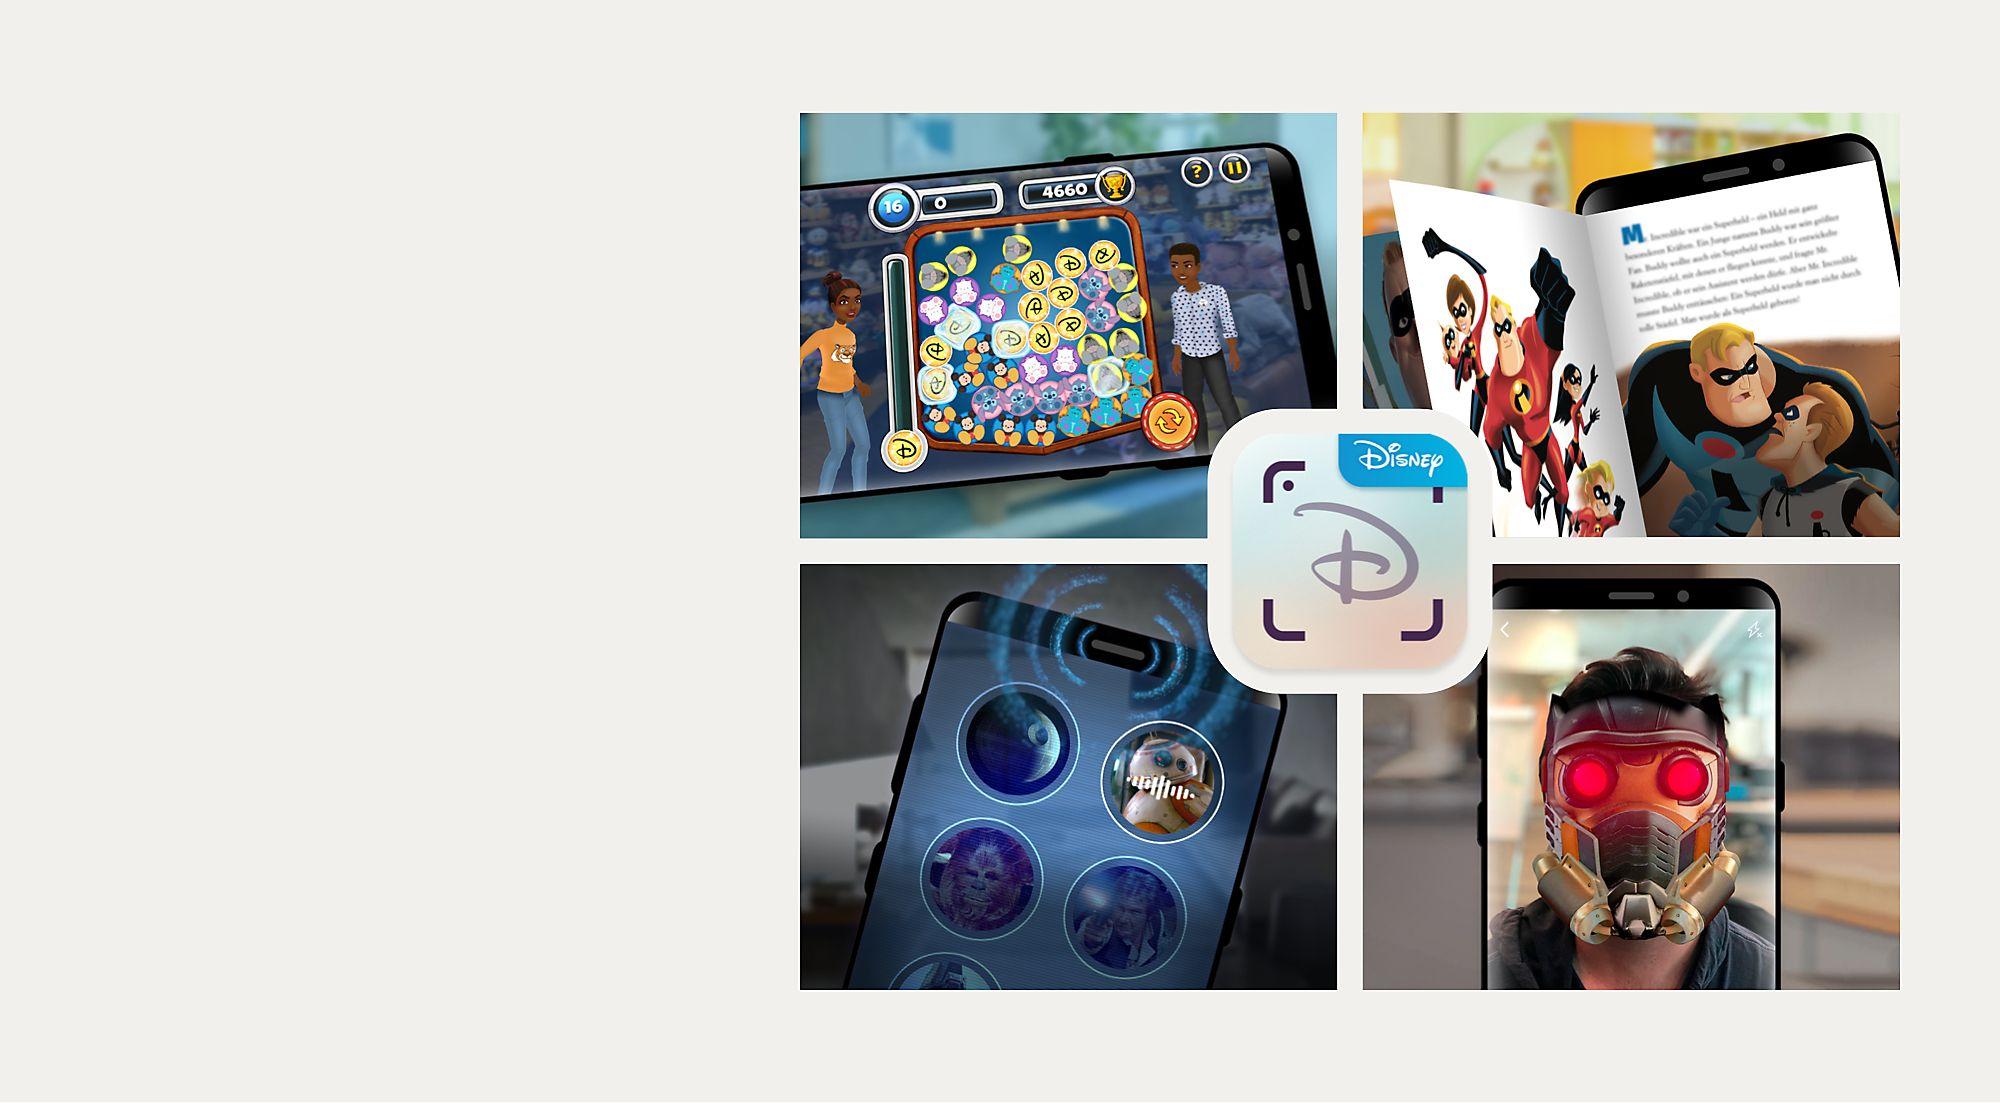 Téléchargez votre Pack d'Activité Digitale à chaque commande À partir de maintenant, pour toute commande réalisée jusqu'à fin décembre, un pack d'activité digitale gratuit sera ajouté à votre panier.  Faites vos achats comme d'habitude, mais avant de valider votre commande, cliquez sur la bannière orange affichée dans votre panier pour sélectionner l'un des packs Disney, Pixar, Star Wars ou Marvel.  Une fois votre commande terminée, nous vous enverrons un email de confirmation de commande, ainsi qu'un second email avec des informations sur votre cadeau gratuit.